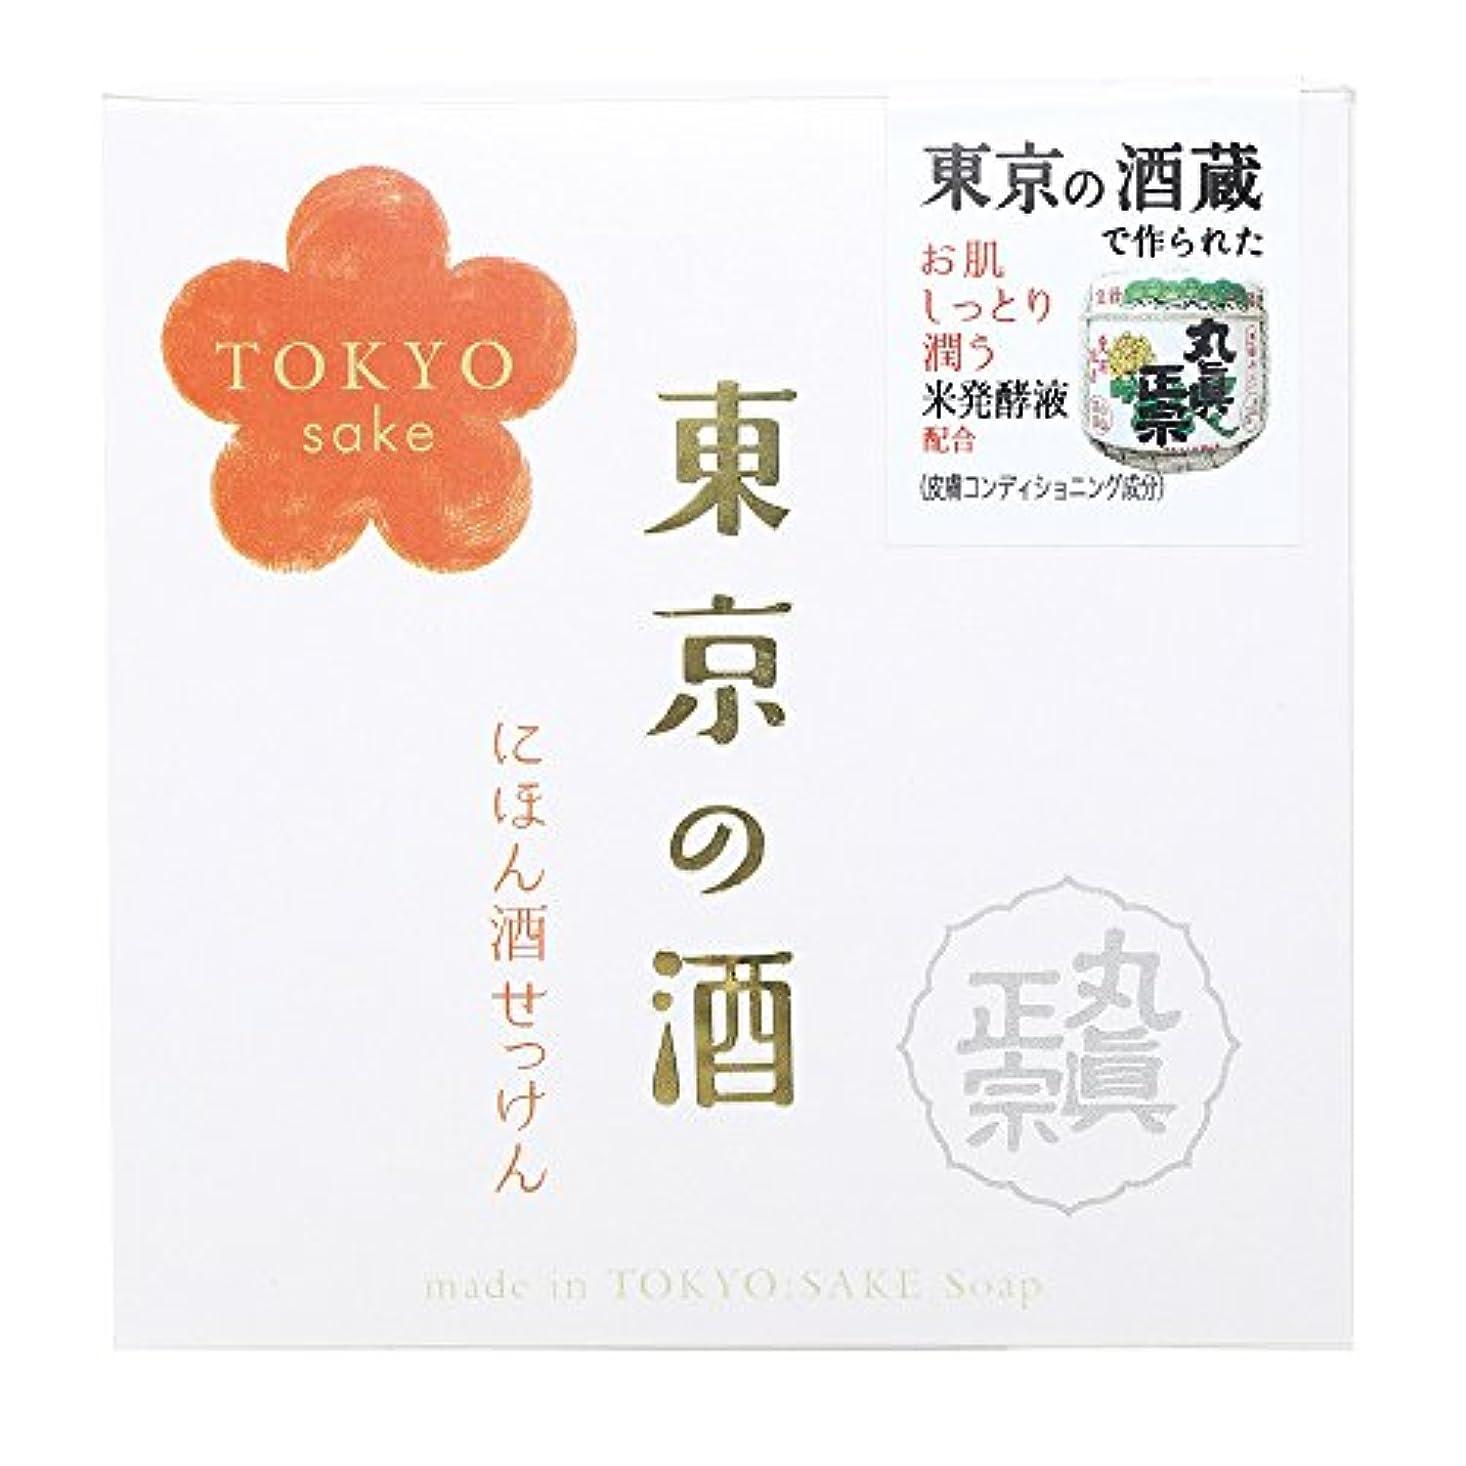 イルコンクリートパフノルコーポレーション 東京の酒 石けん OB-TKY-1-1 100g